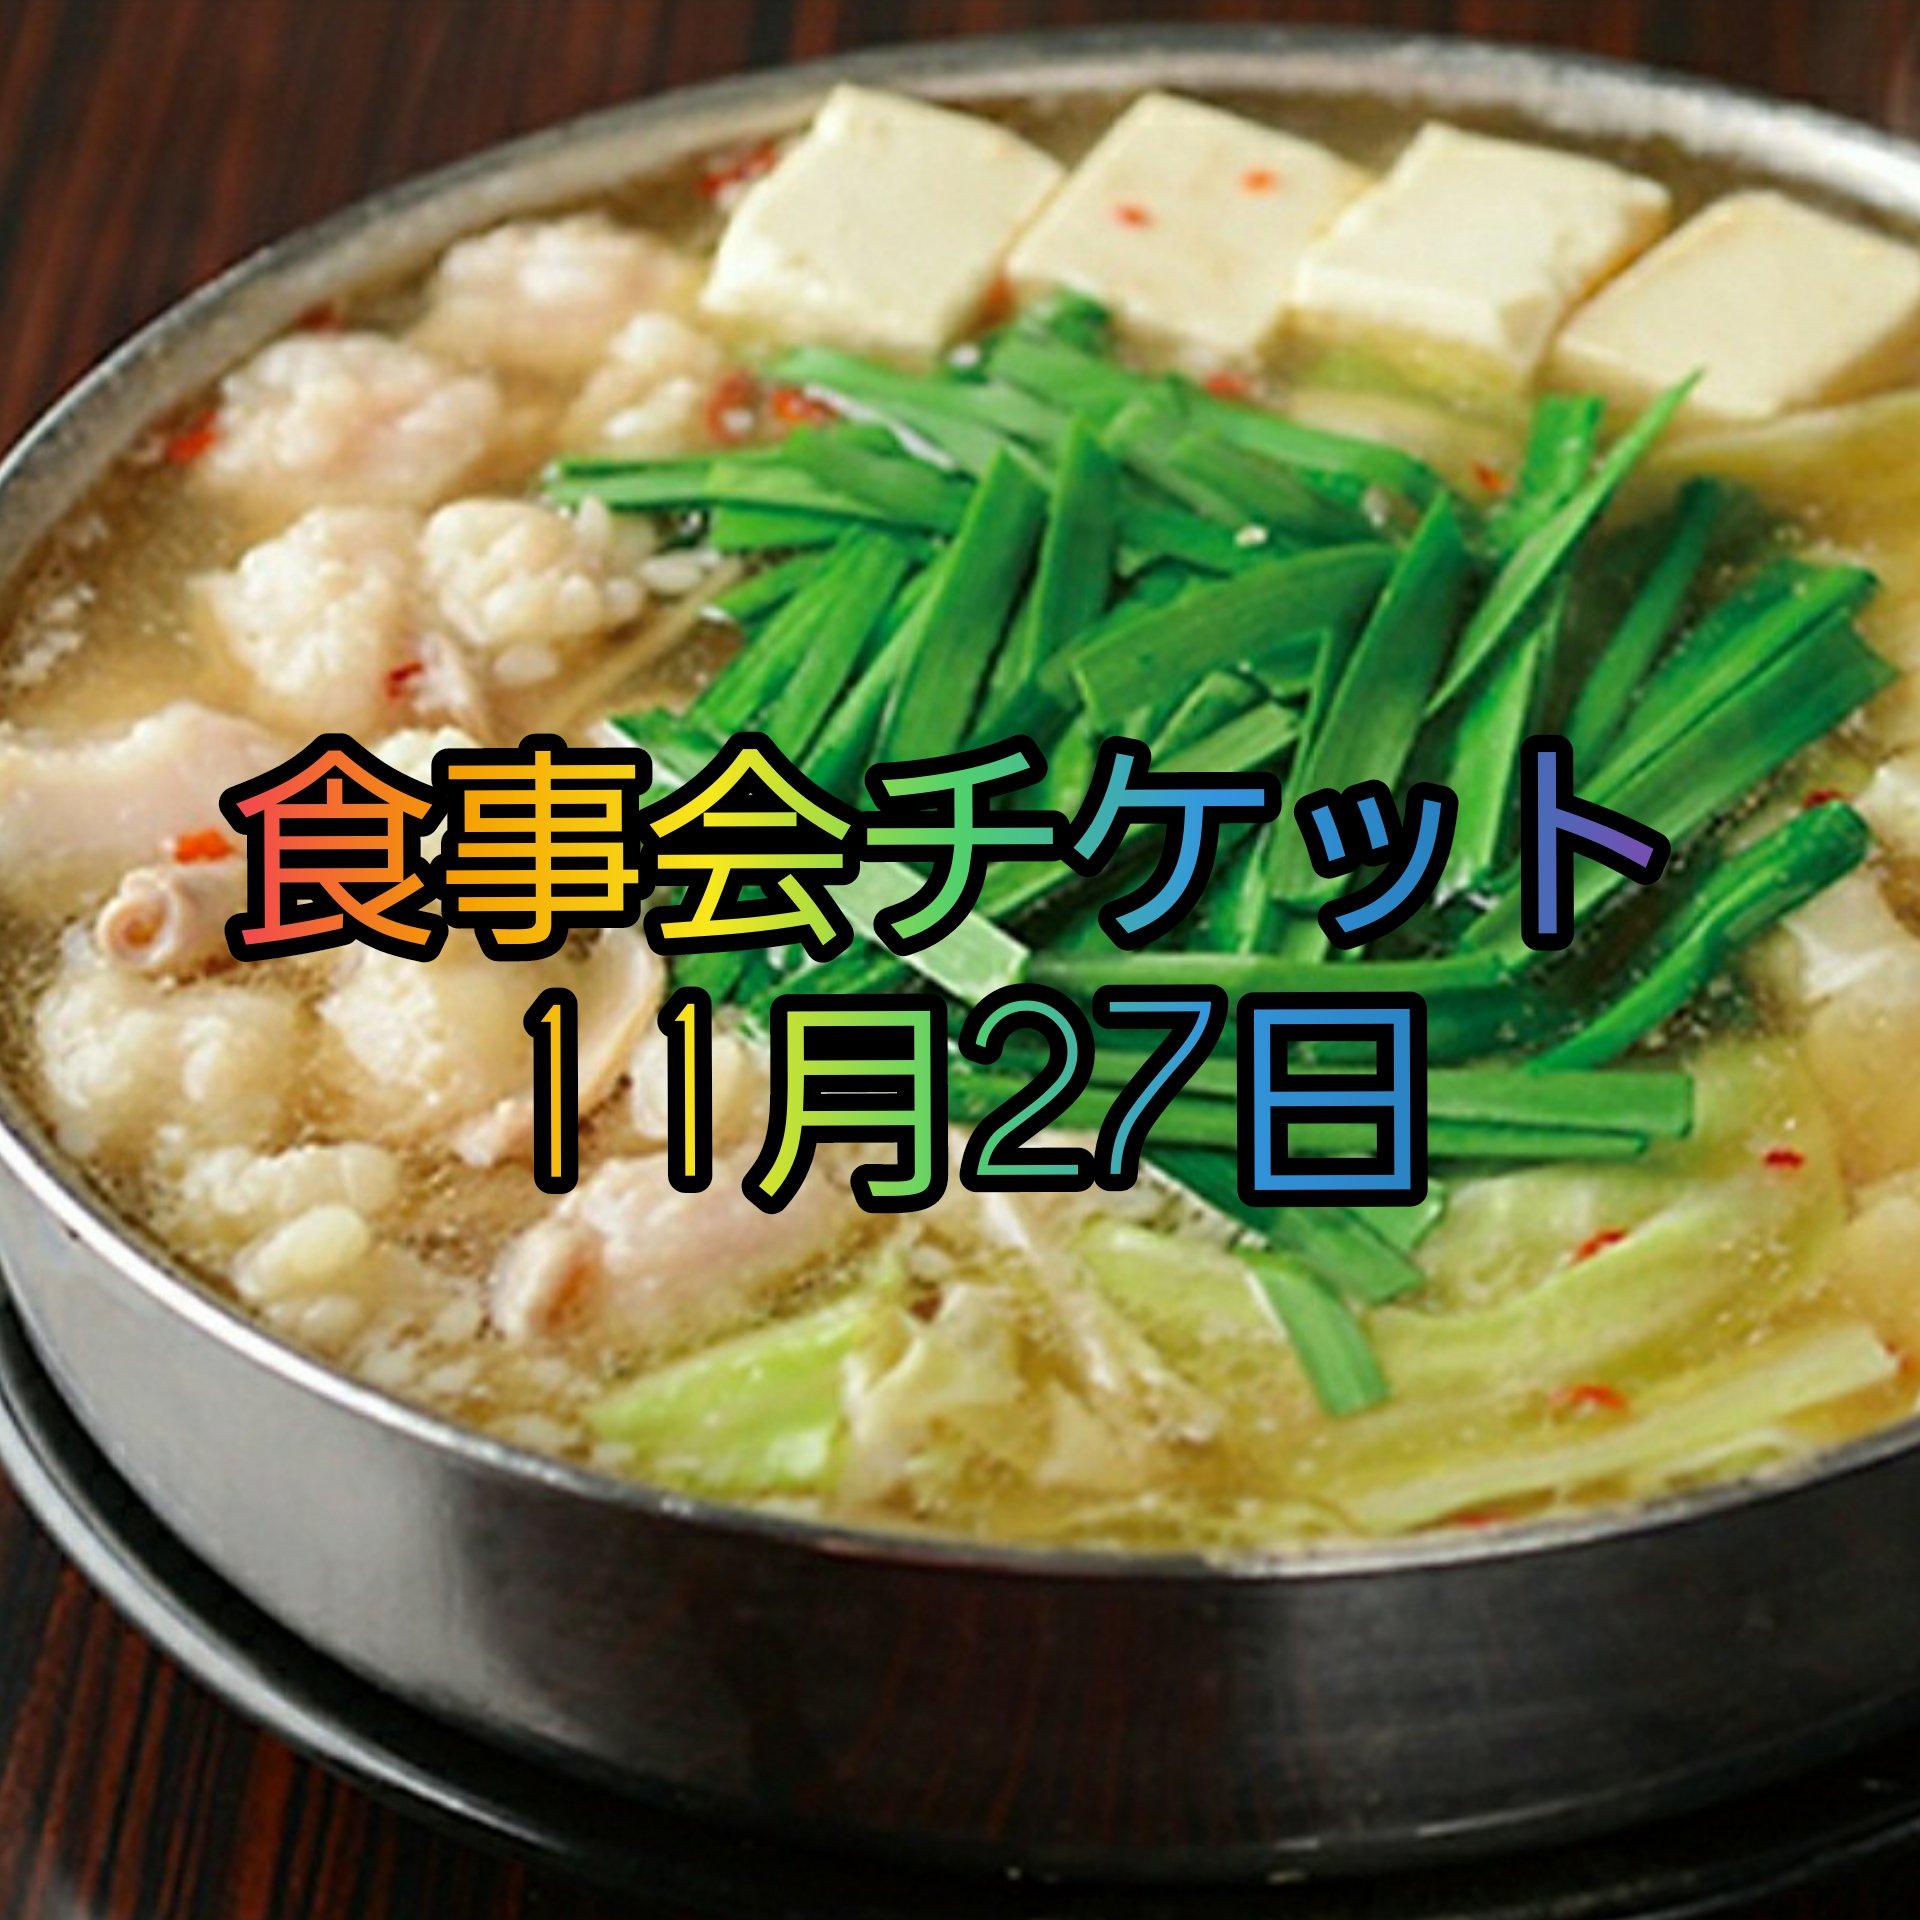 食事会チケット 11/27(金)のイメージその1